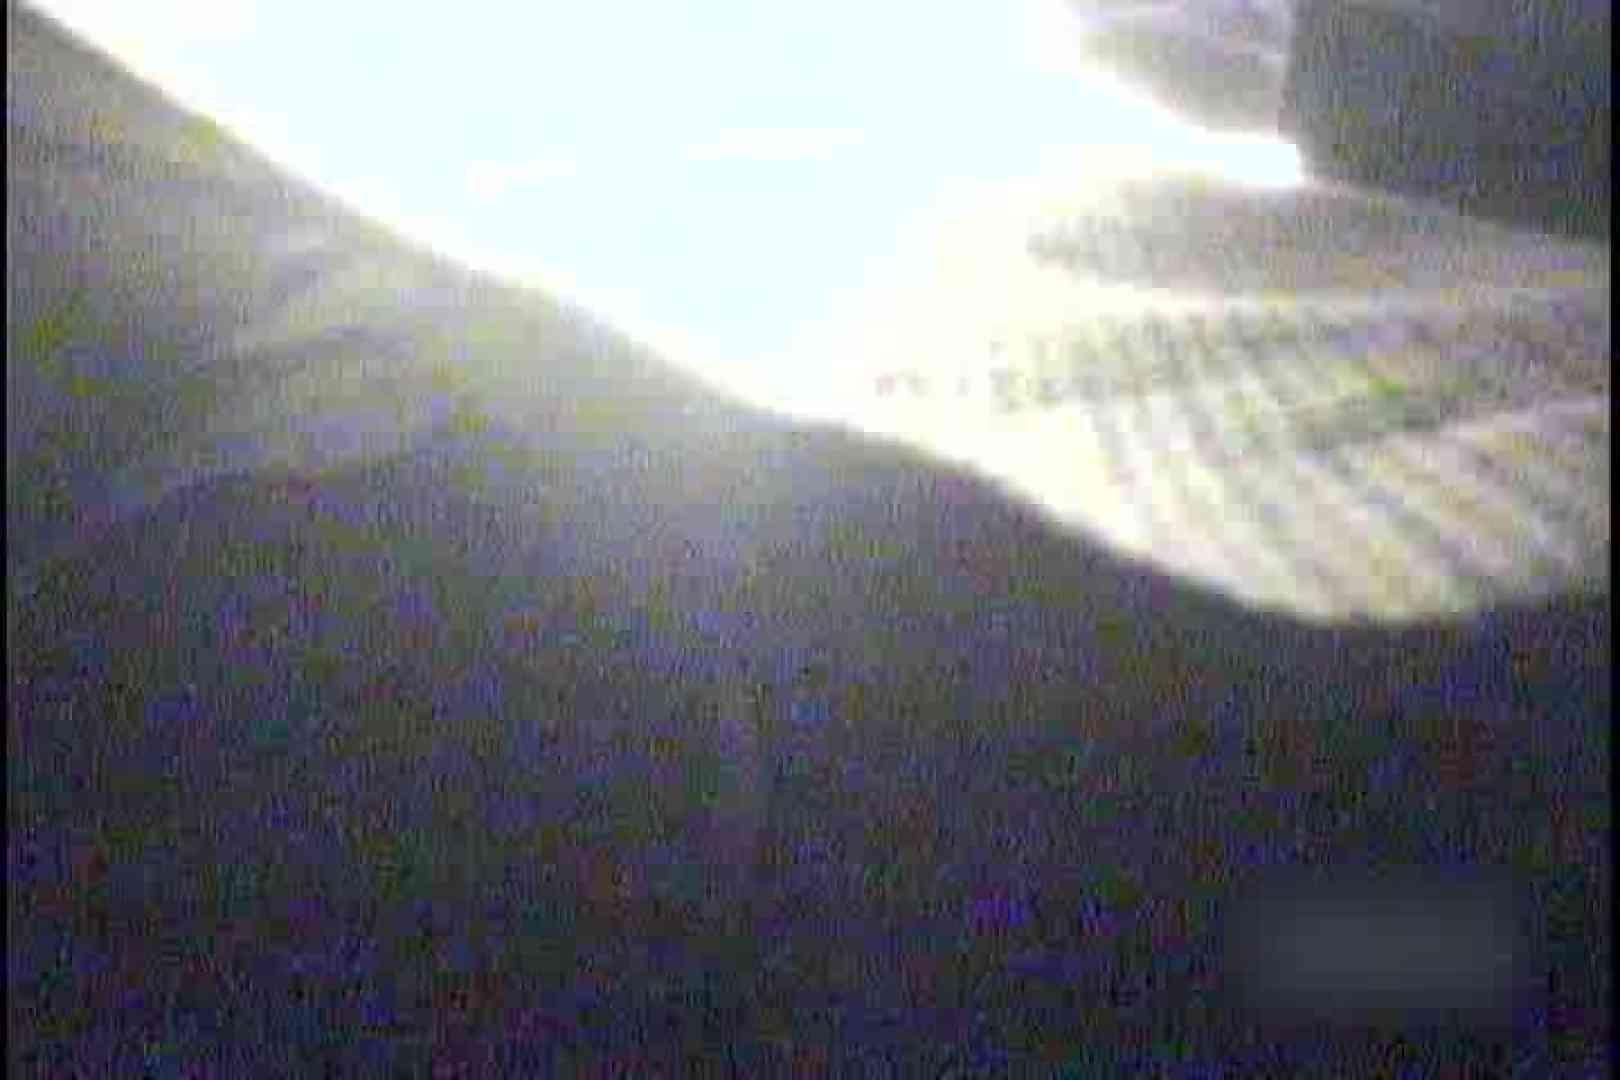 私鉄沿線美女限定パンティー丸覗き!!vol.03 車でエッチ われめAV動画紹介 106PIX 55